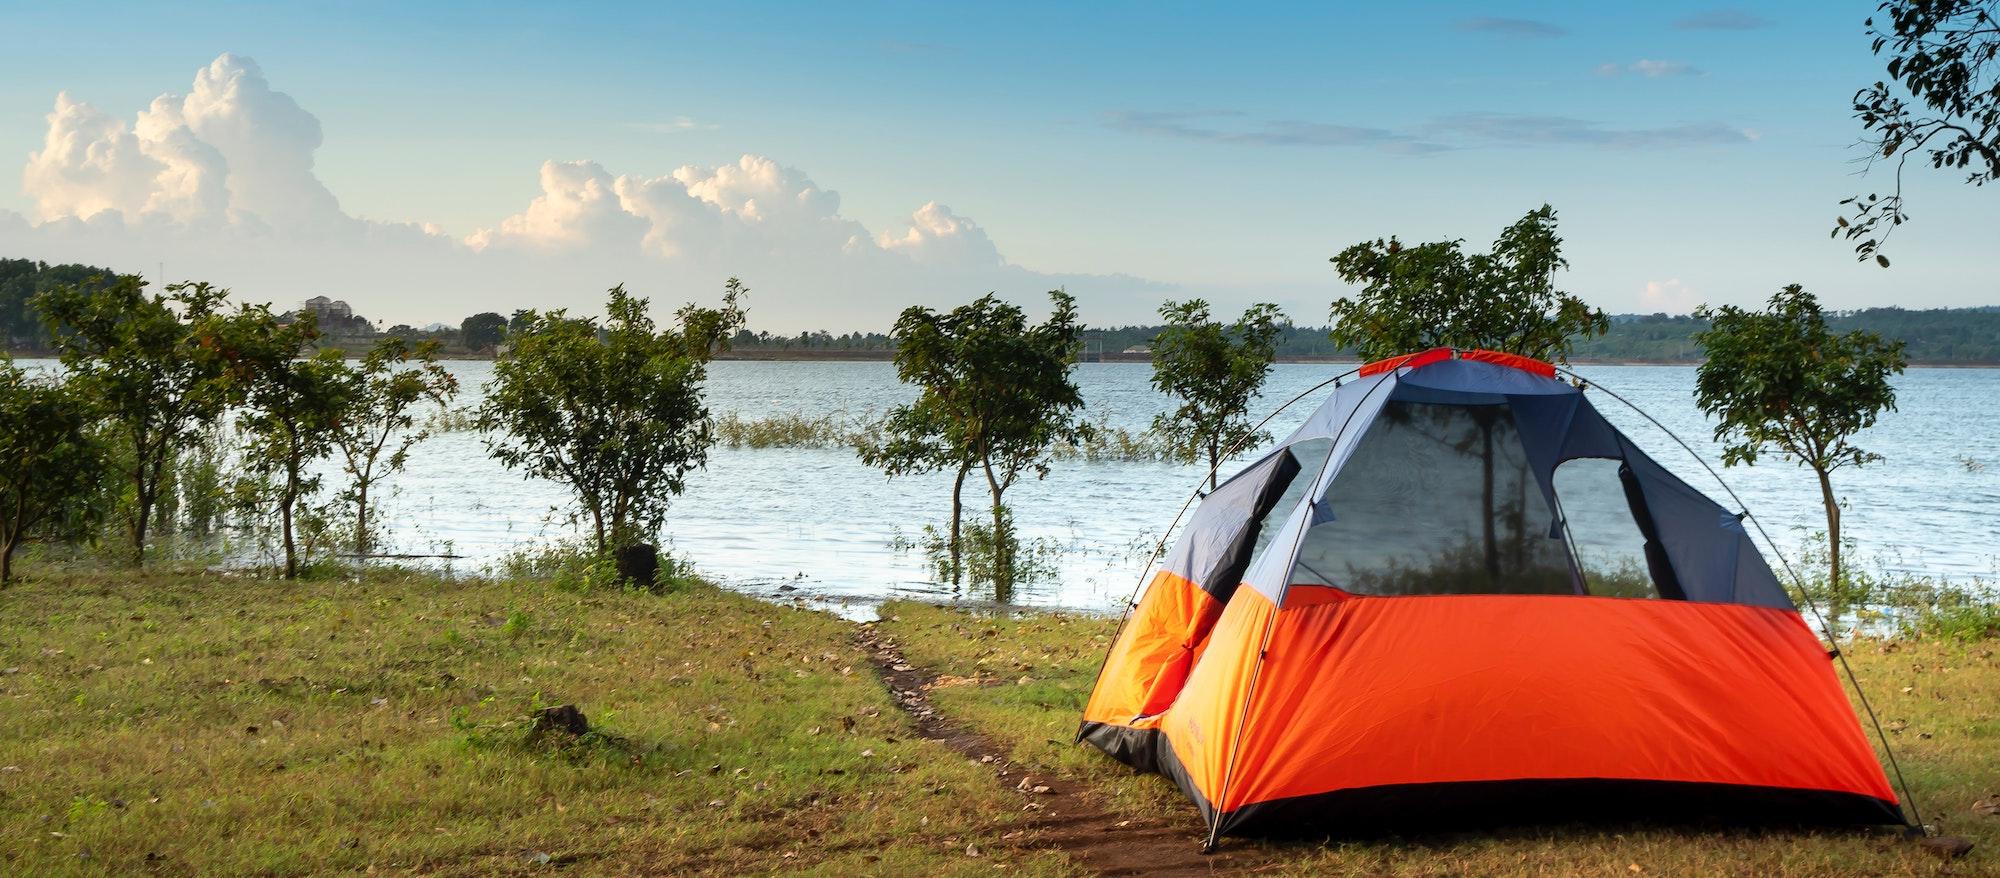 migliore-tenda-da-campeggio